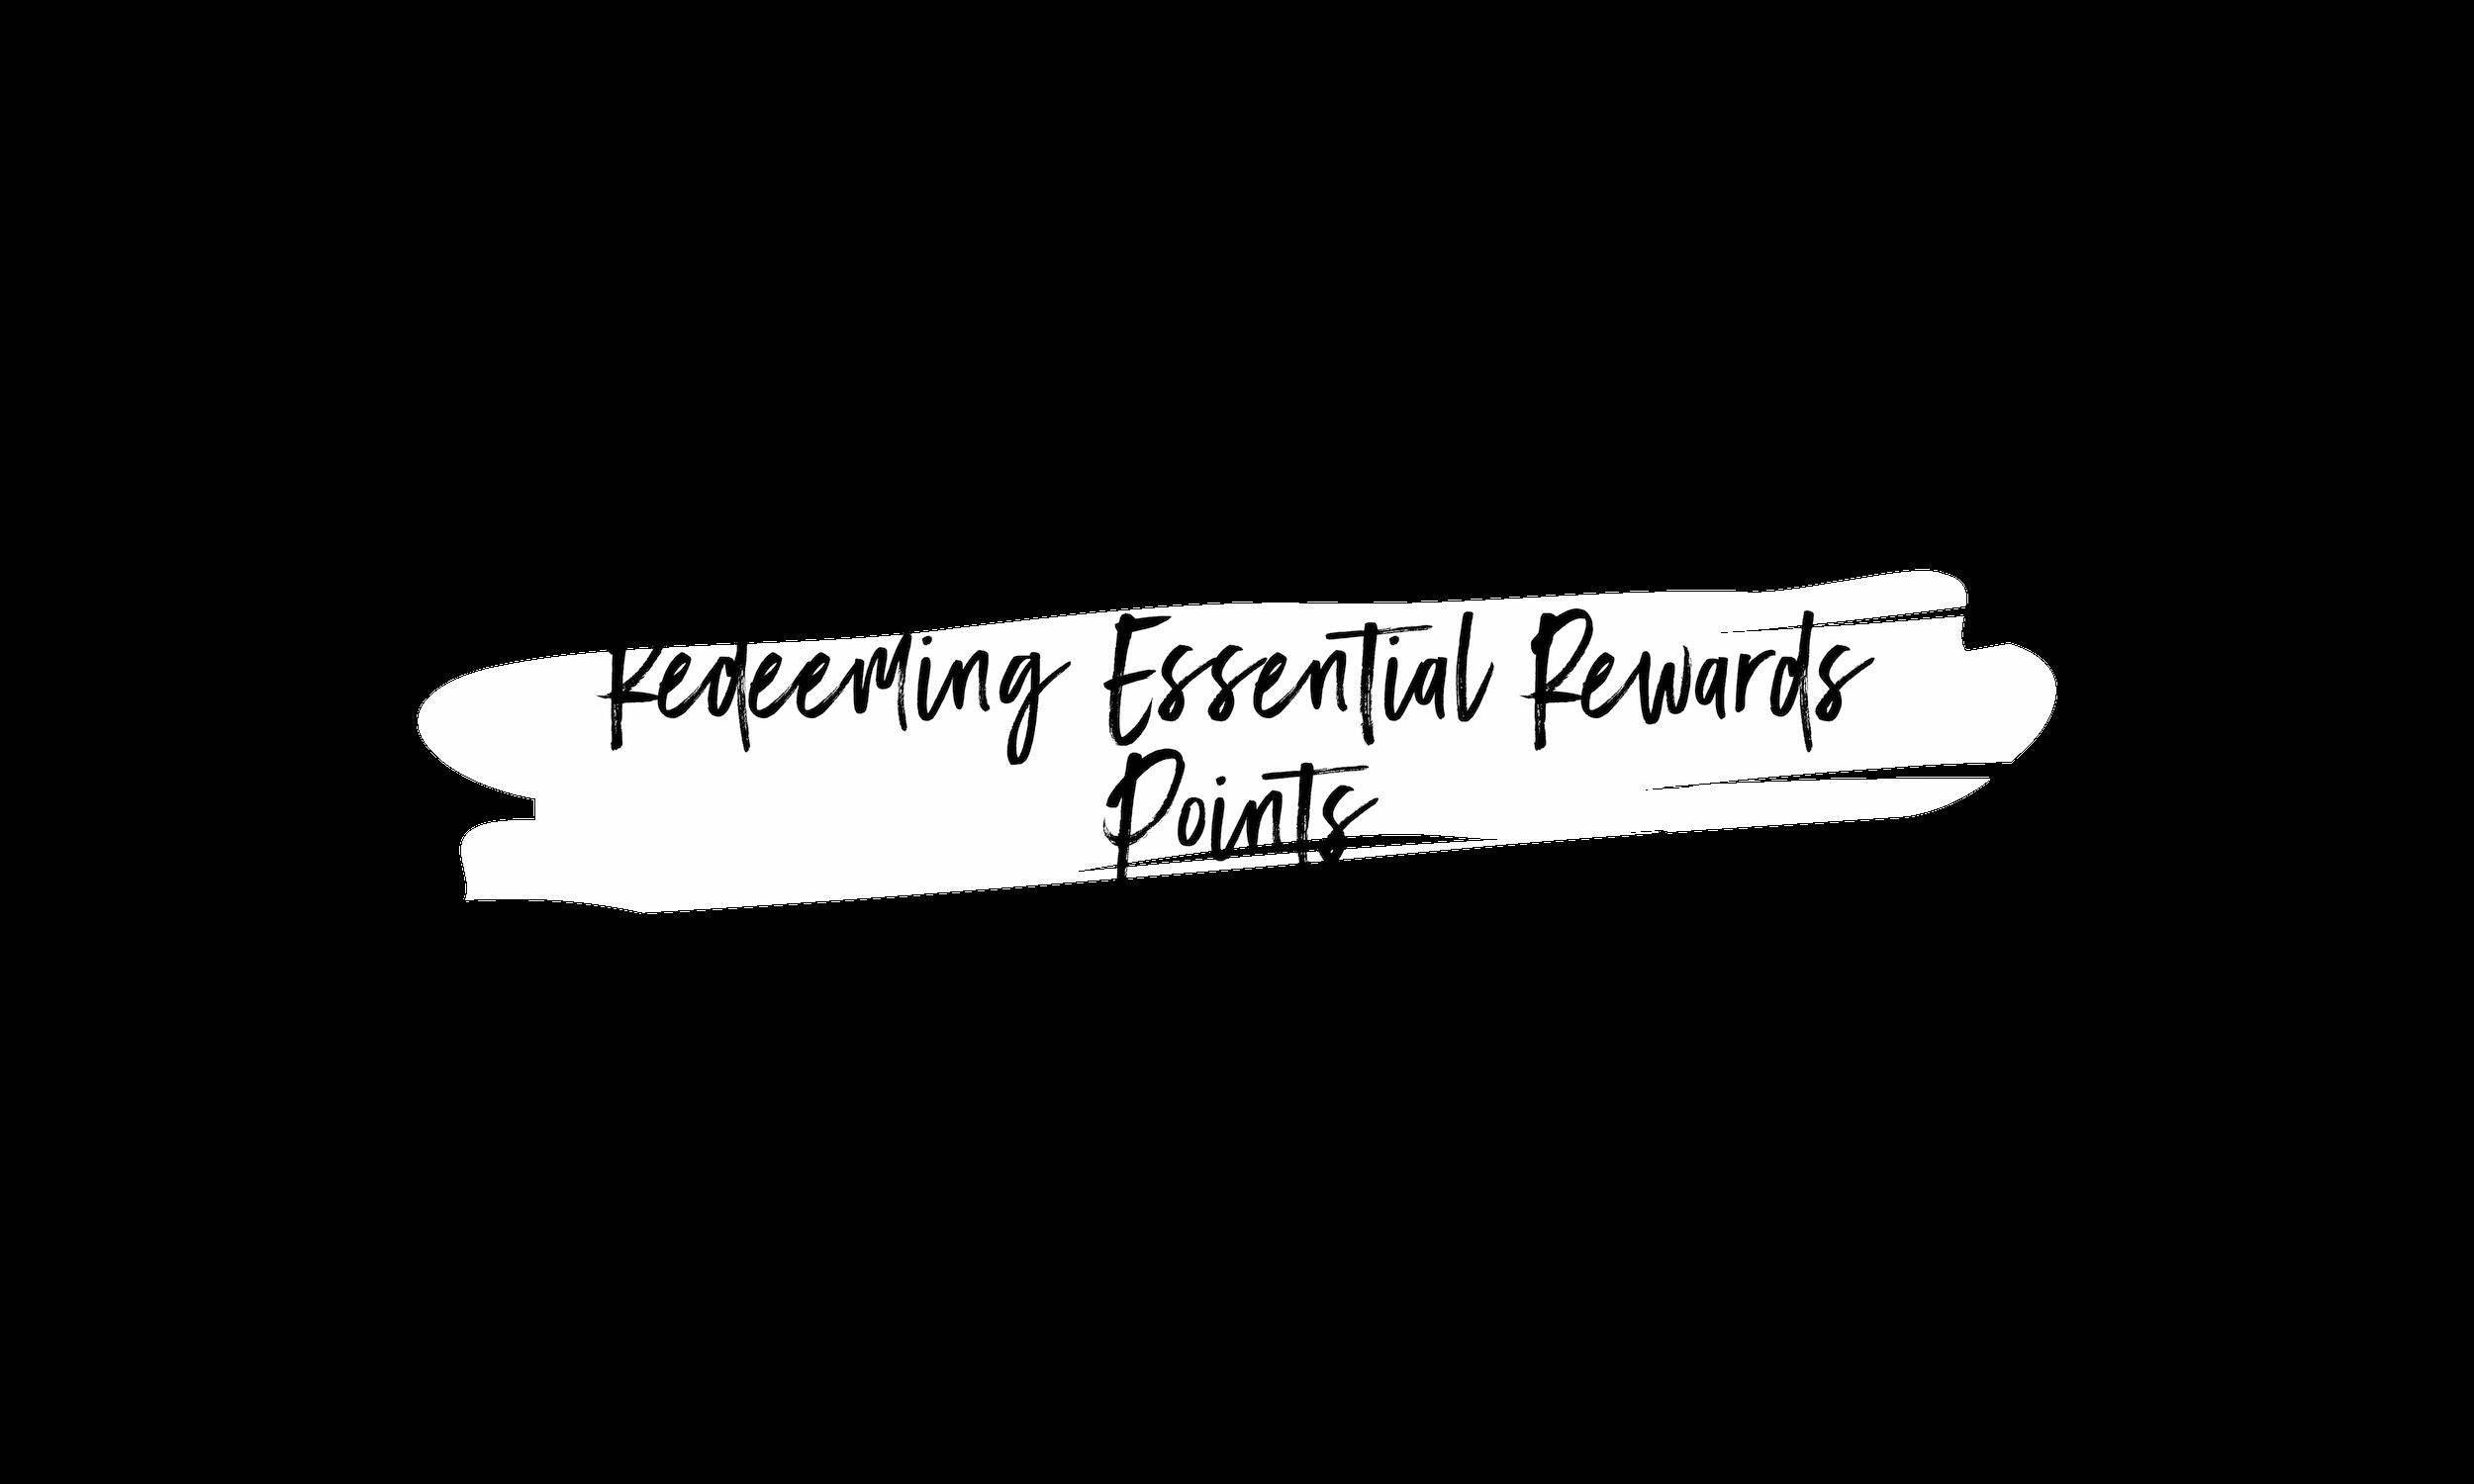 redeeming essential rewards points.png